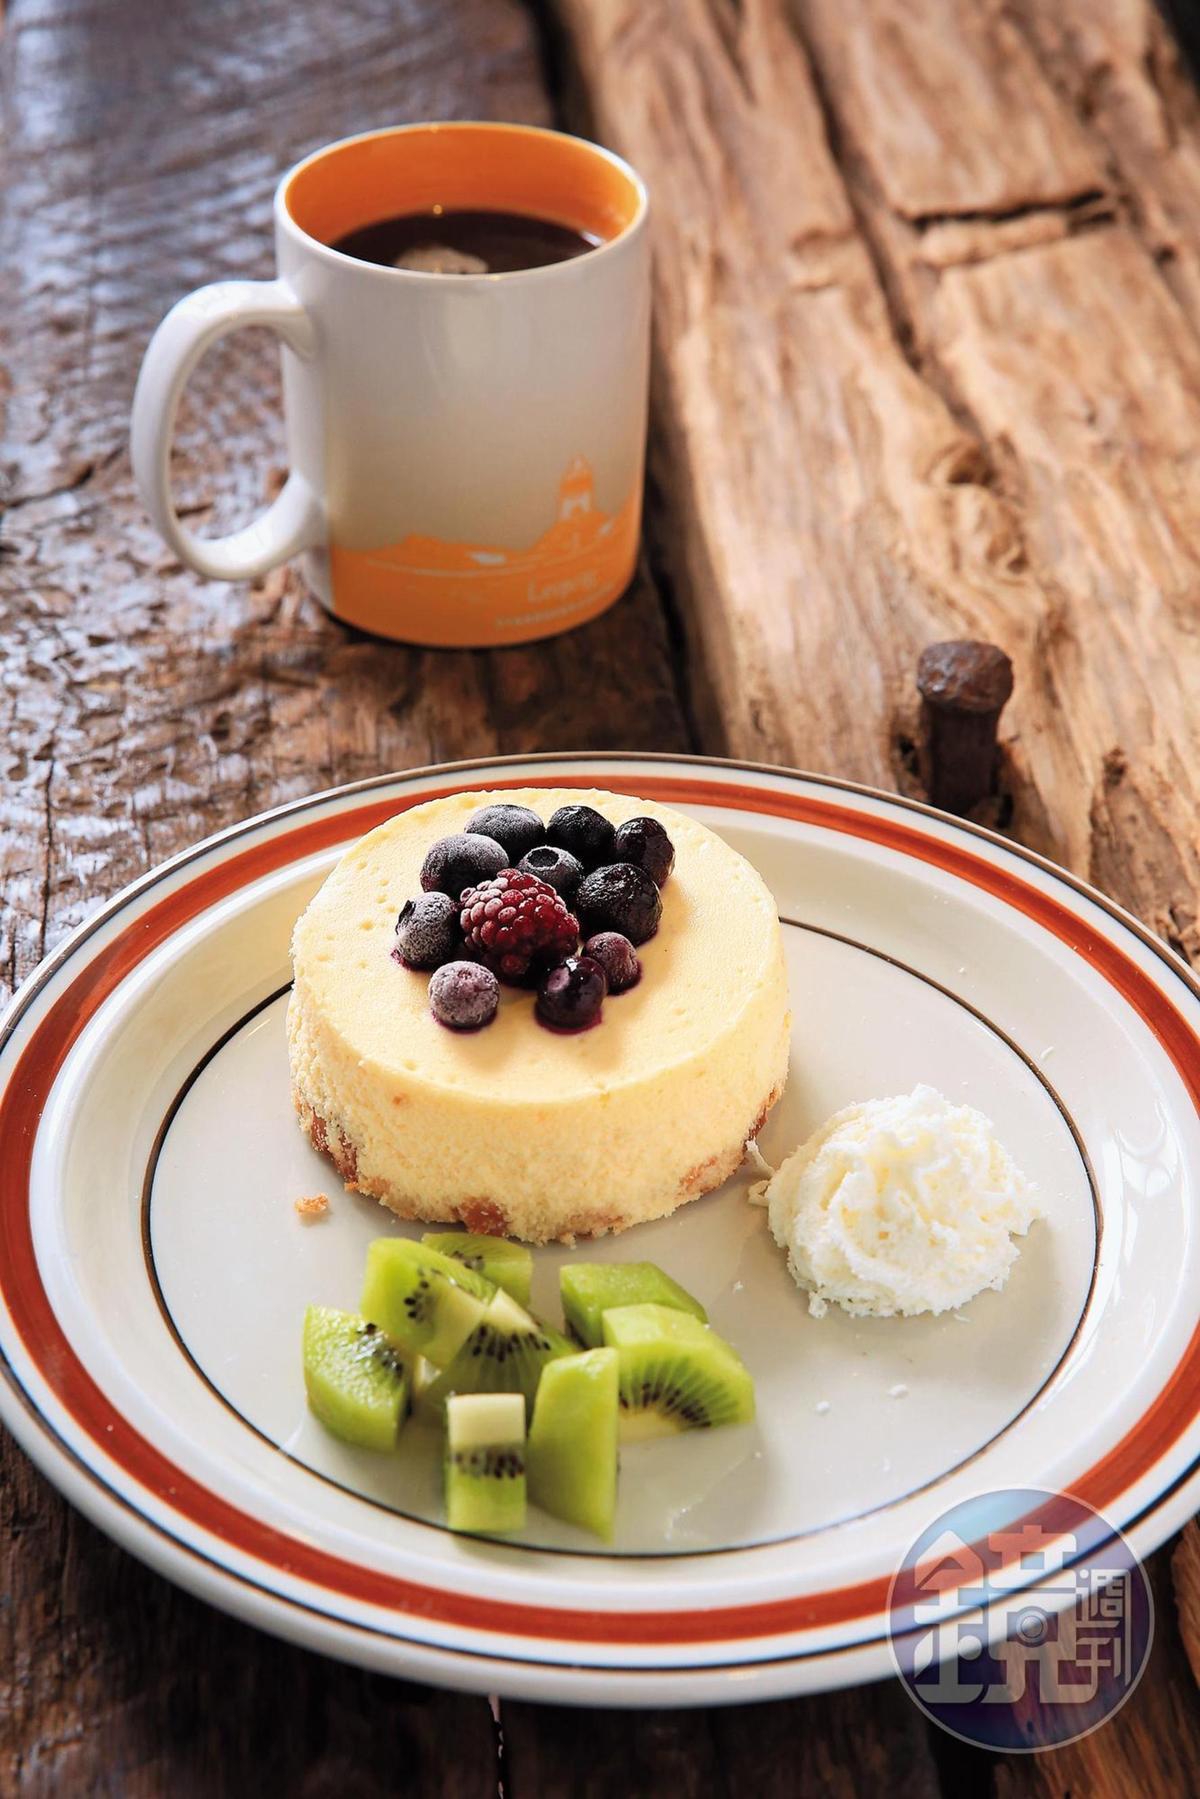 女主人的手作甜點「莓果起司蛋糕」,加入希臘優格,口感清爽。(160元/份)